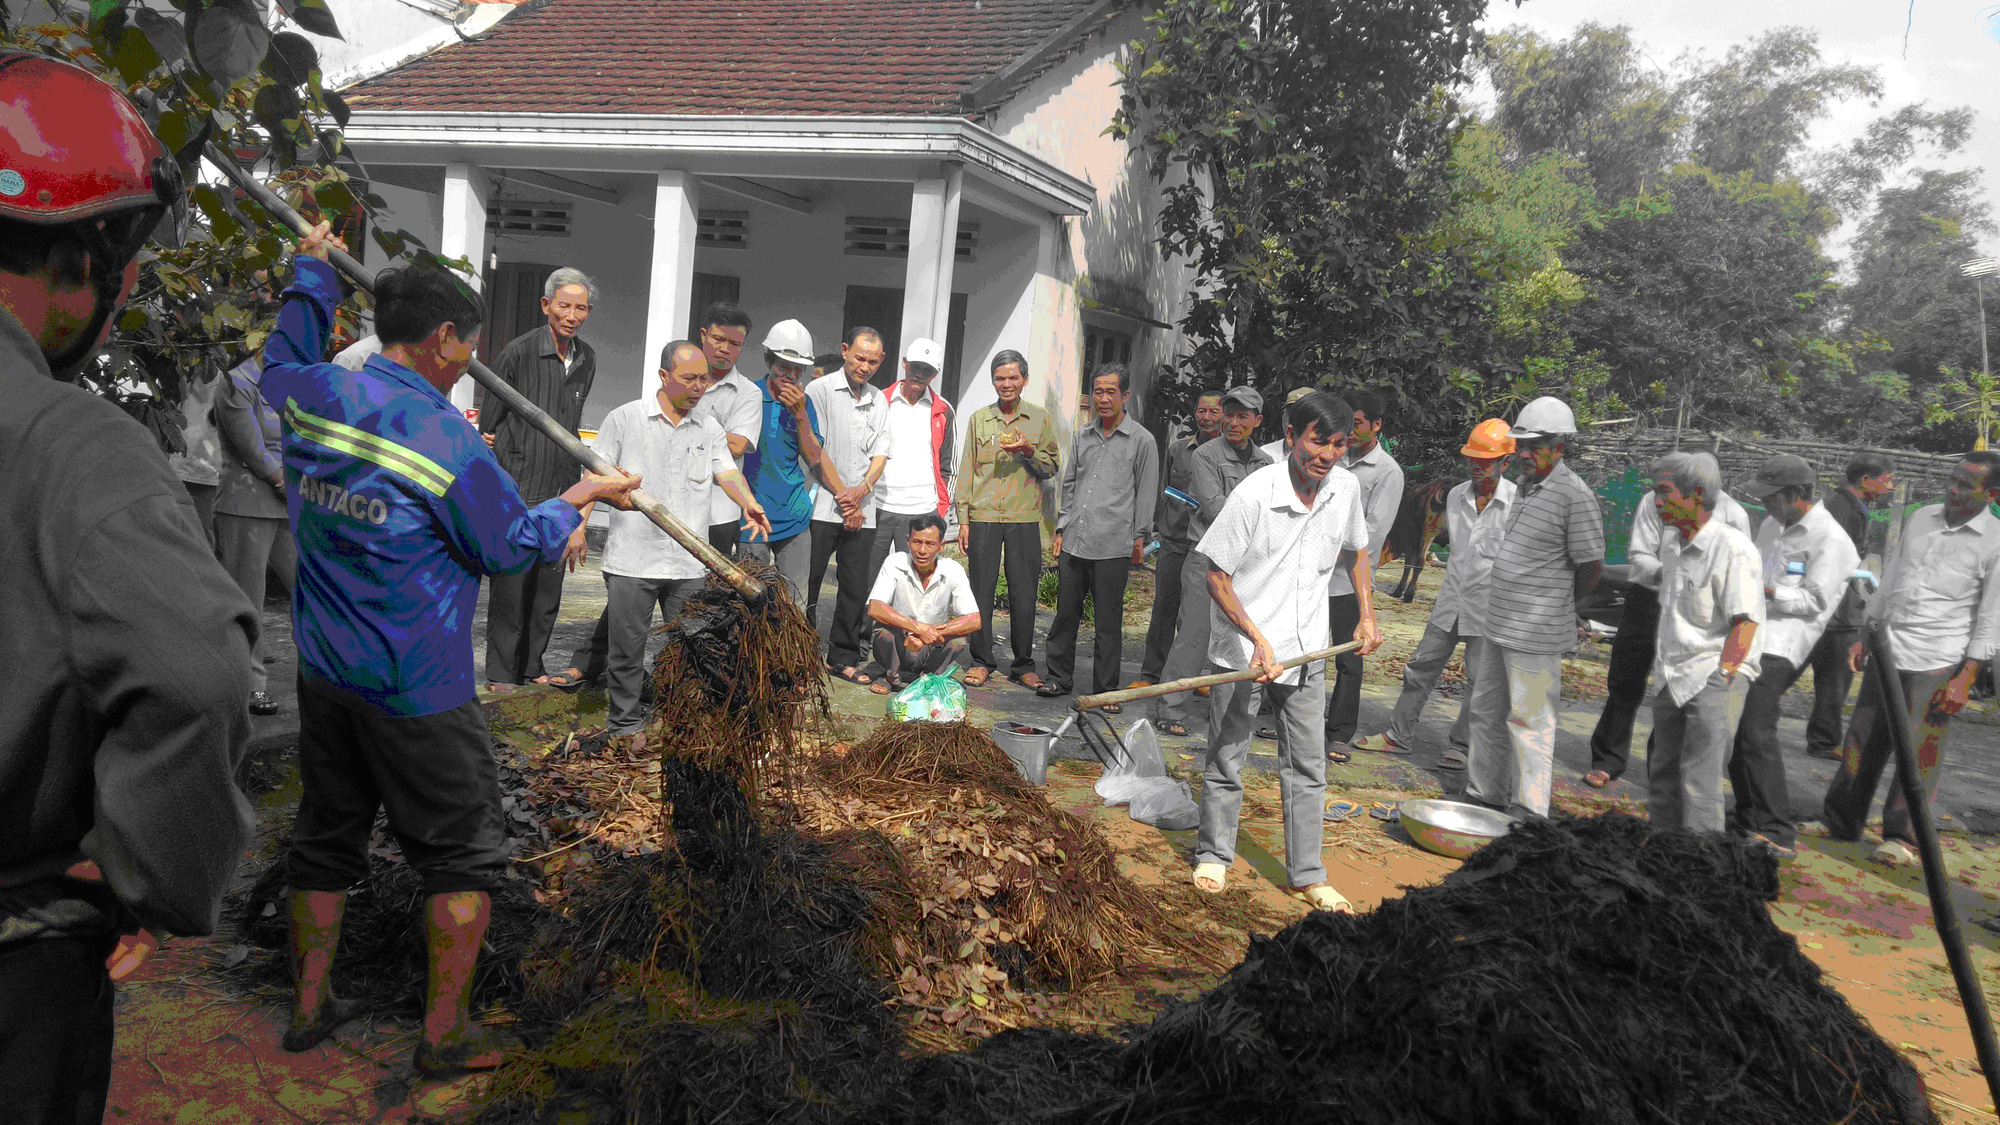 Quảng Nam: Biến những thứ bỏ đi thành 6.420 tấn phân hữu cơ giúp nông dân - Ảnh 1.